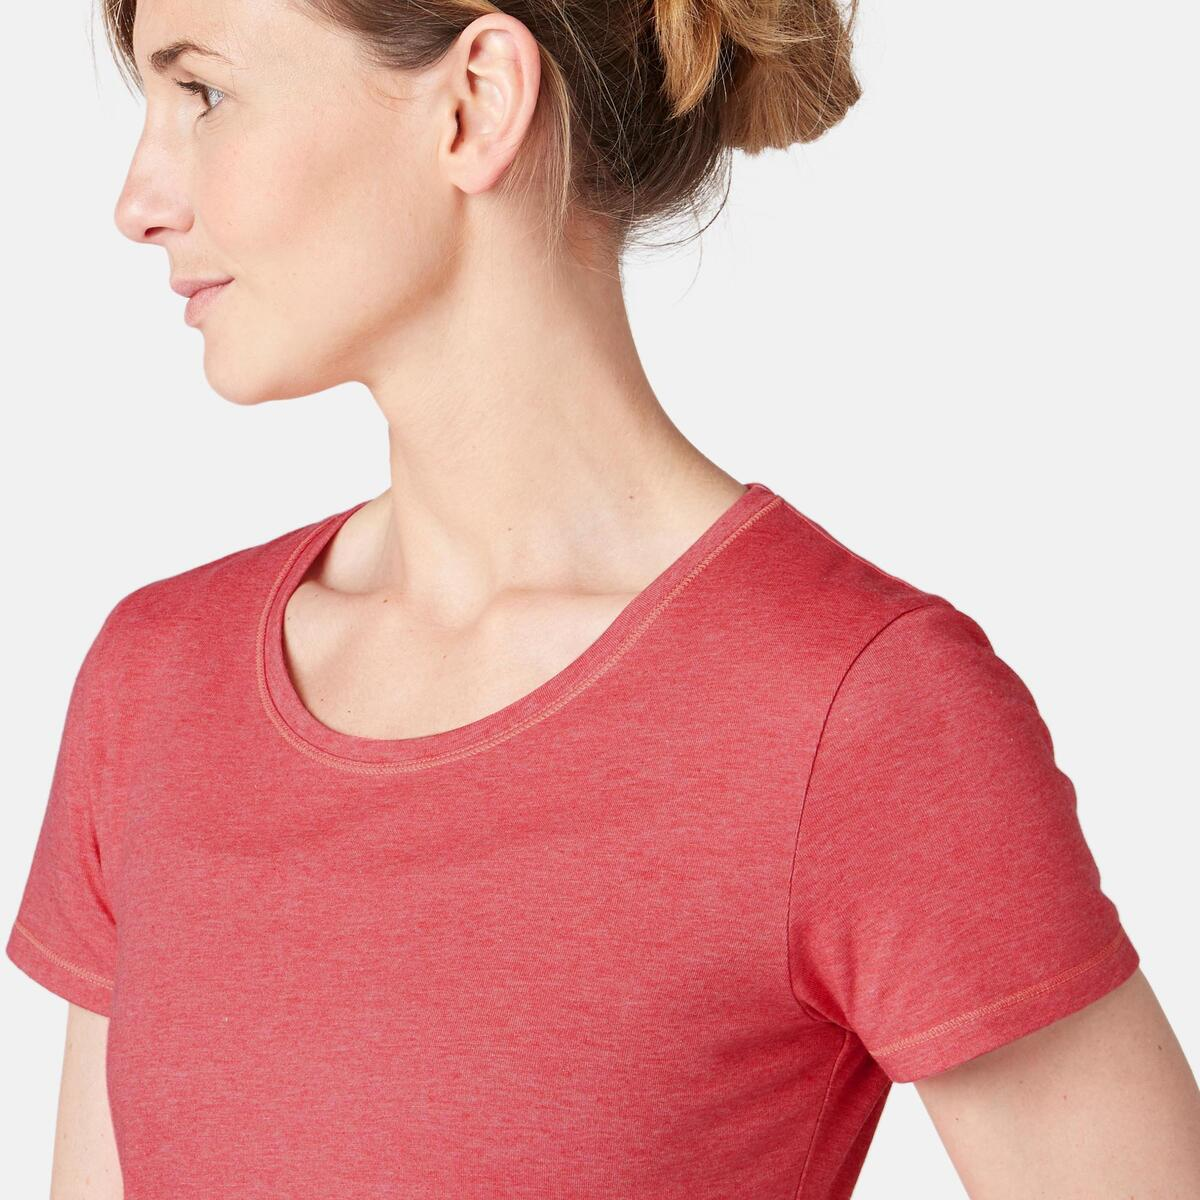 Bild 5 von T-Shirt 500 Regular Sport Pilates sanfte Gym Damen rosa